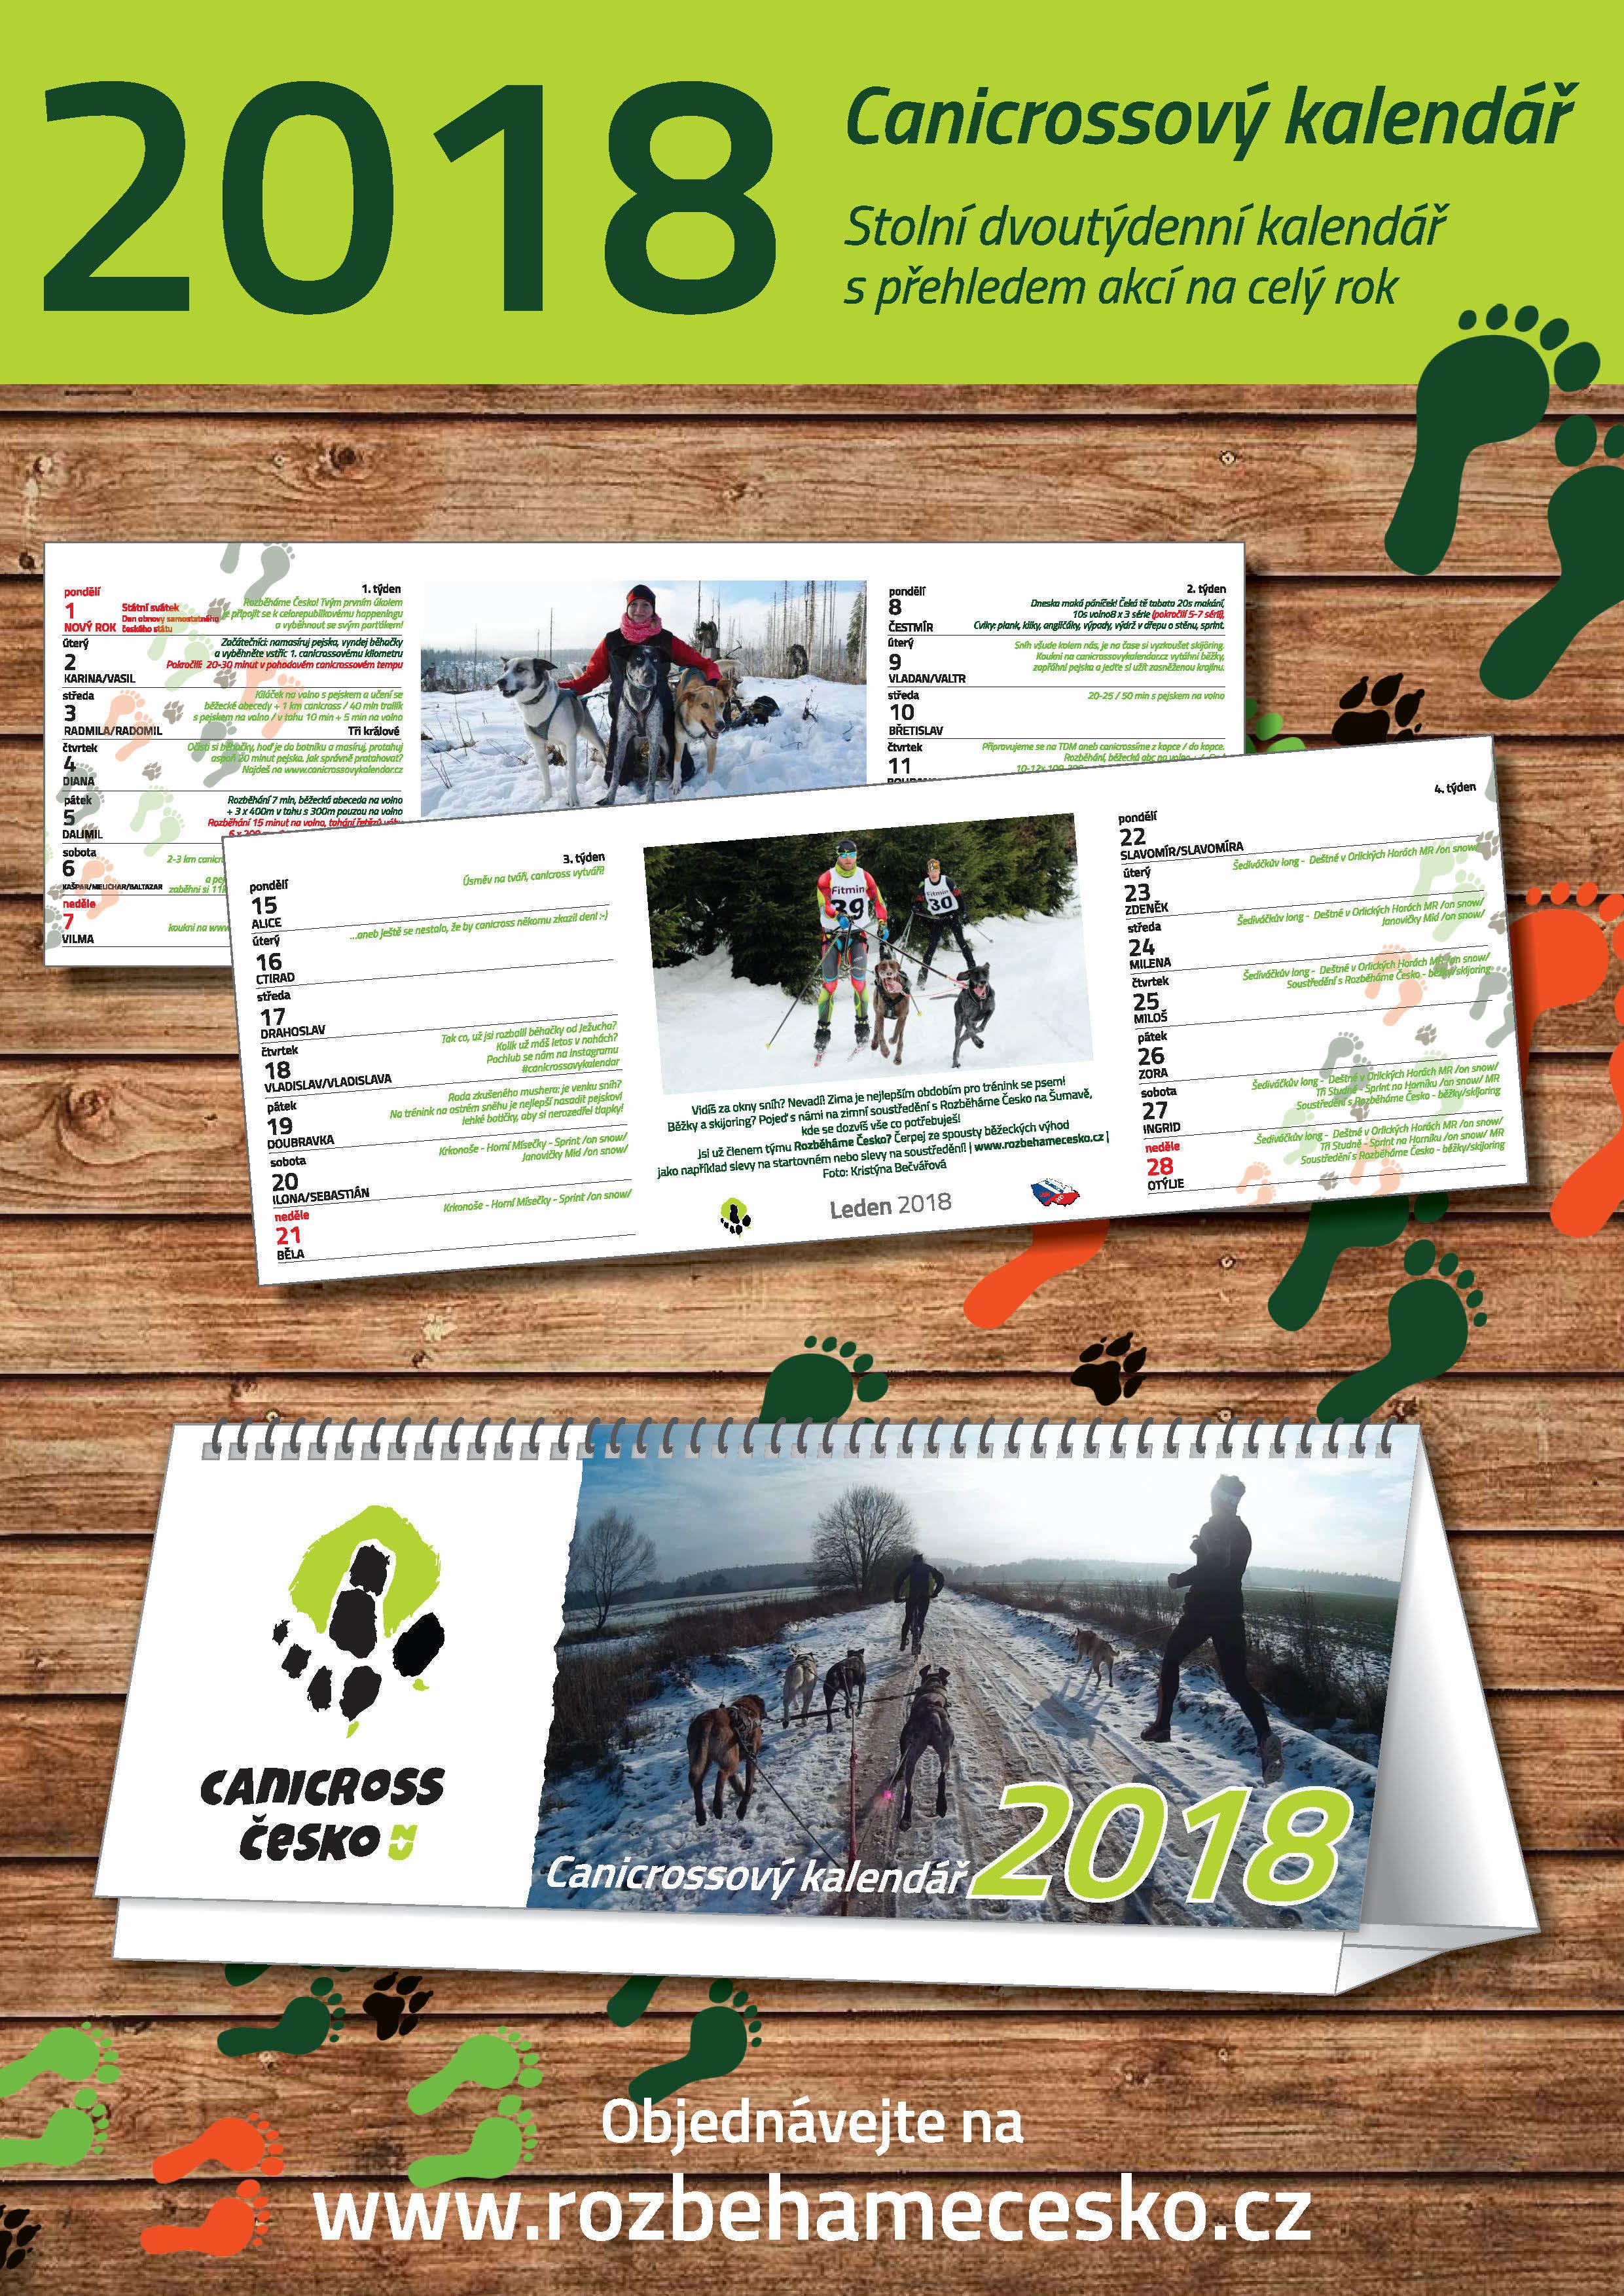 Canicrossový motivační kalendář 2018 00004